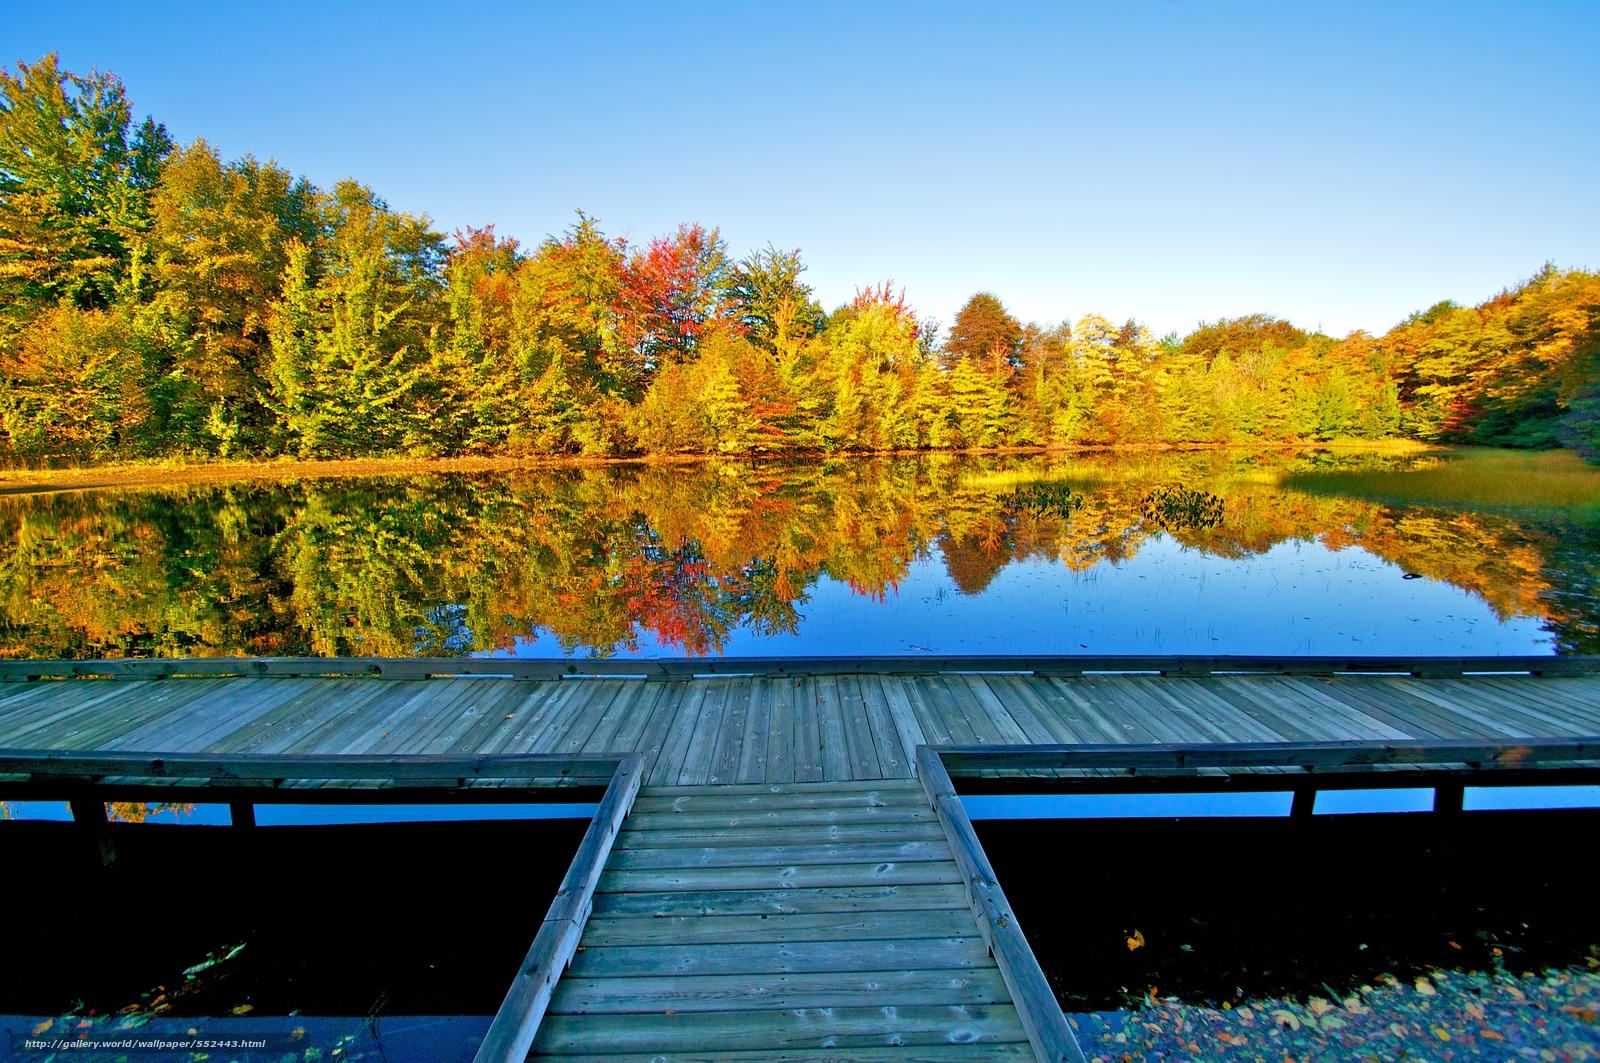 tlcharger fond d 39 ecran automne arbres lac nature fonds d 39 ecran gratuits pour votre rsolution. Black Bedroom Furniture Sets. Home Design Ideas